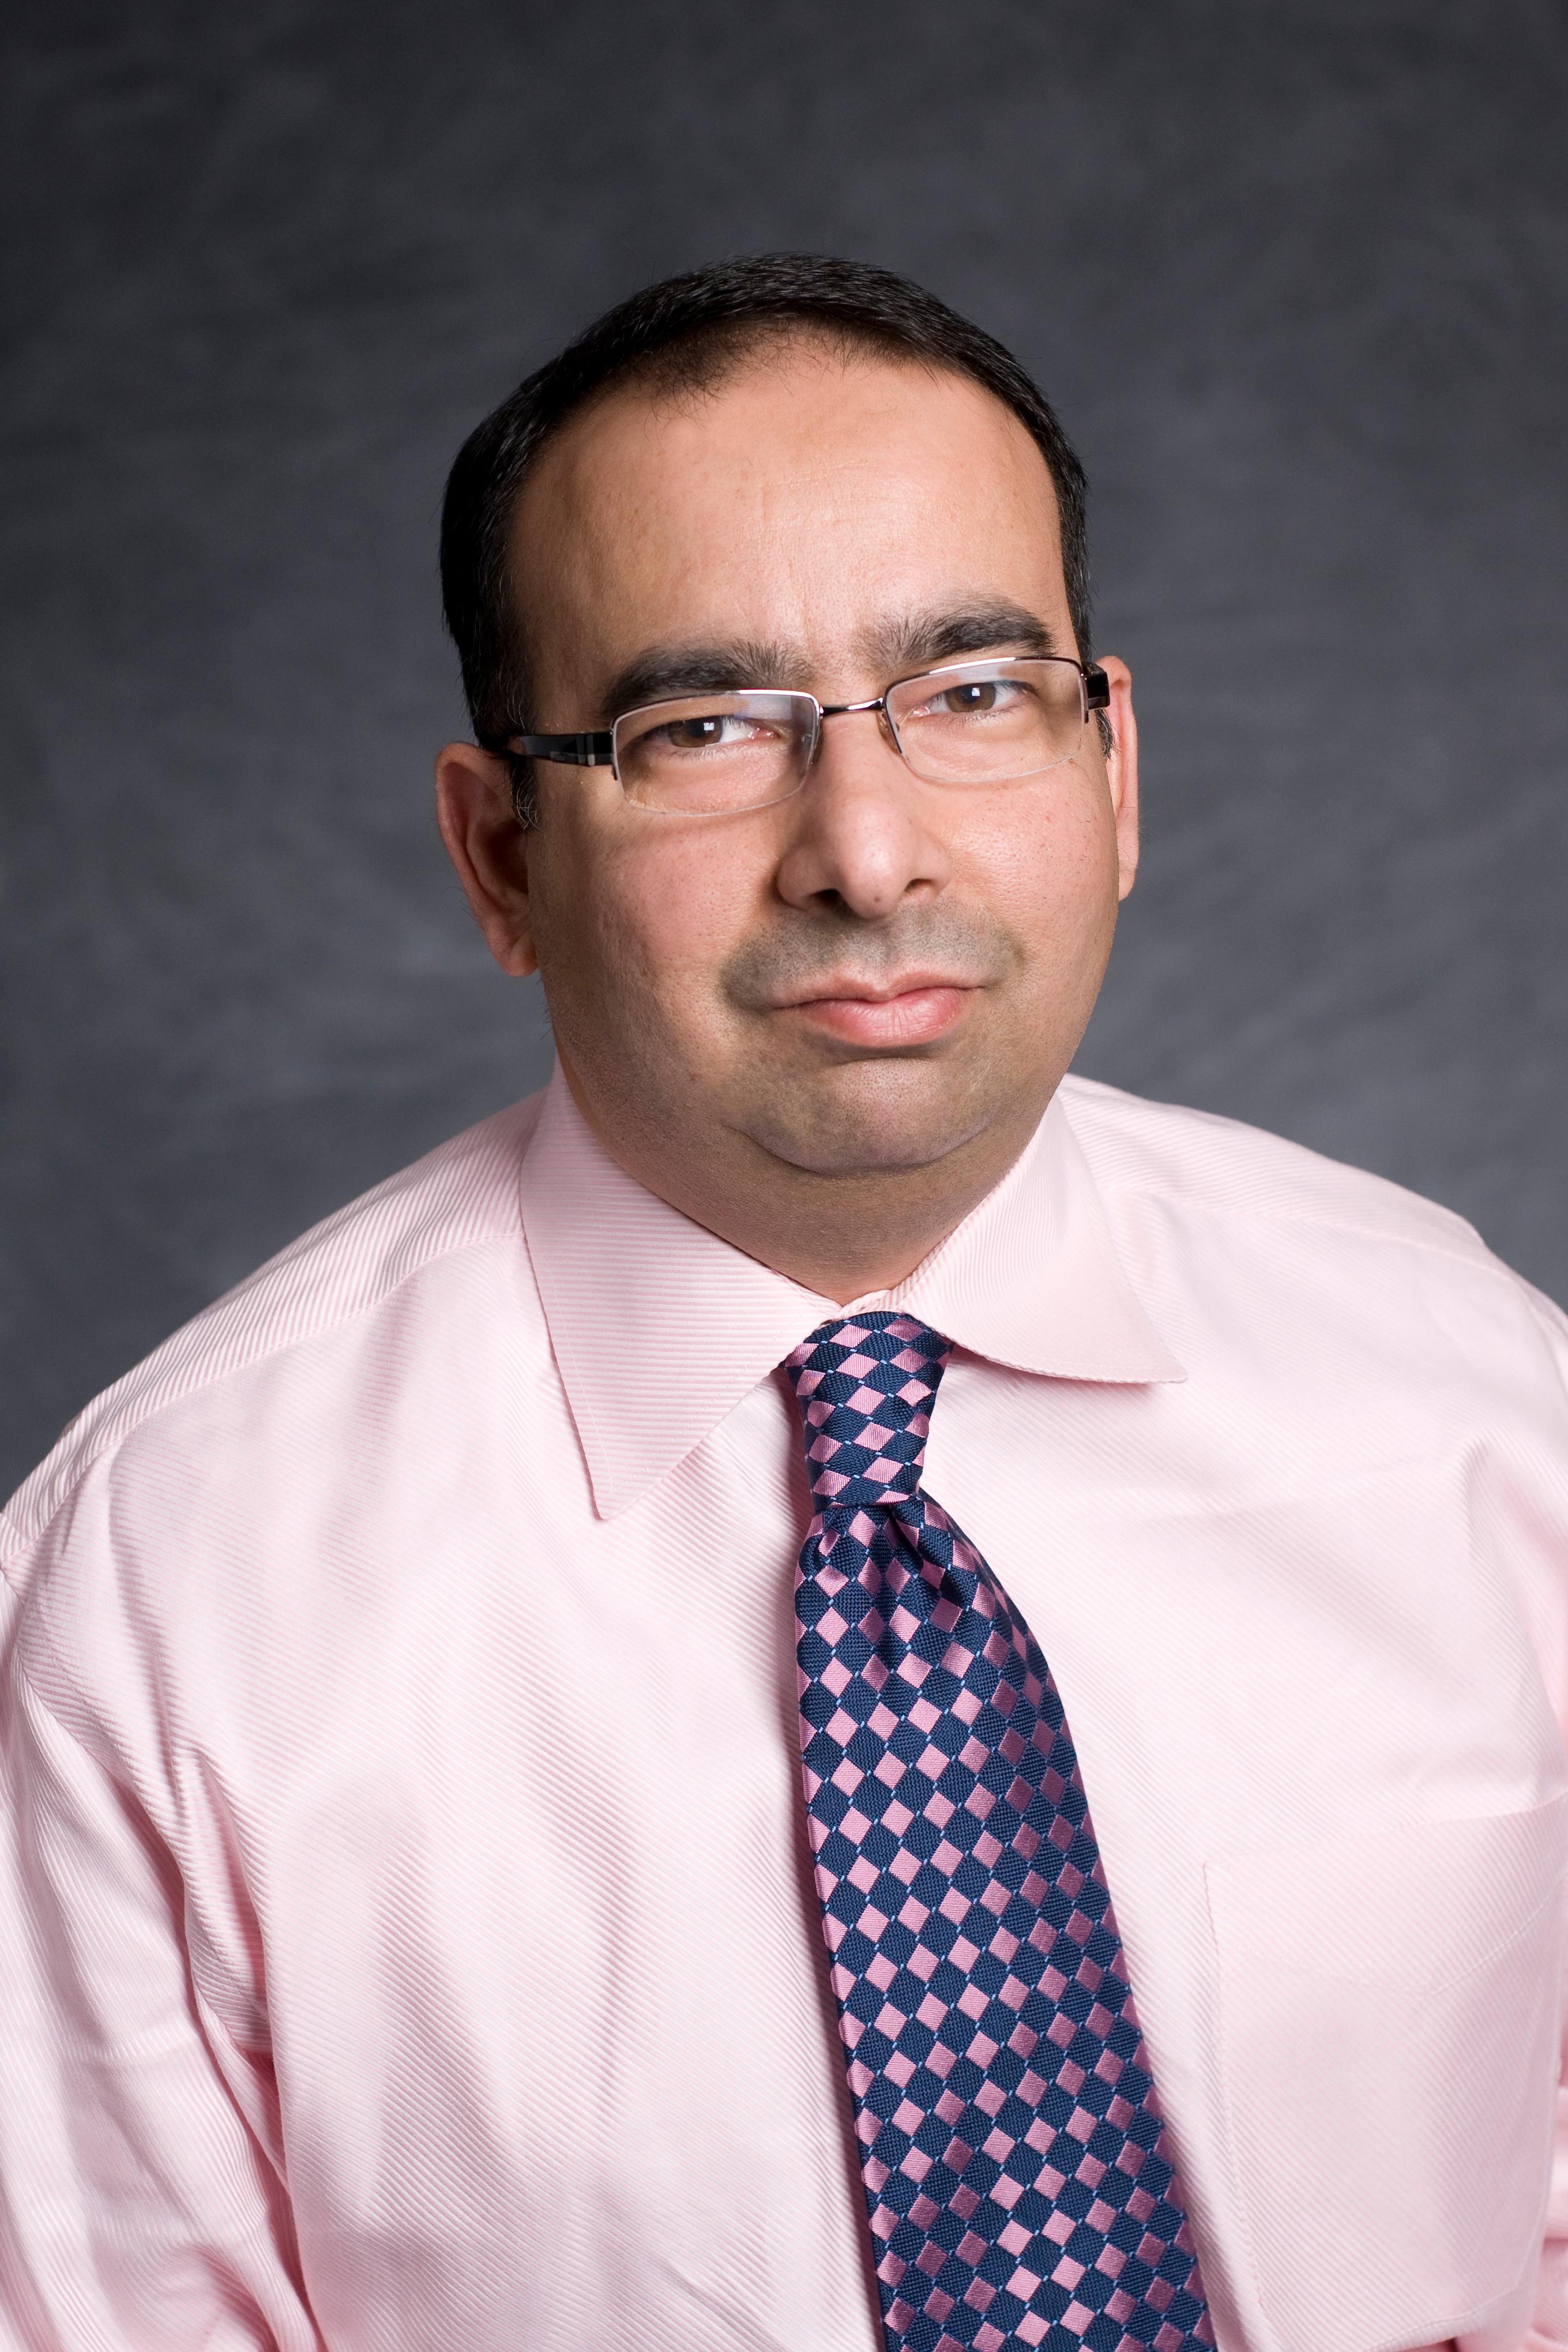 Mohammad Zohair Pirzadah, M.D.